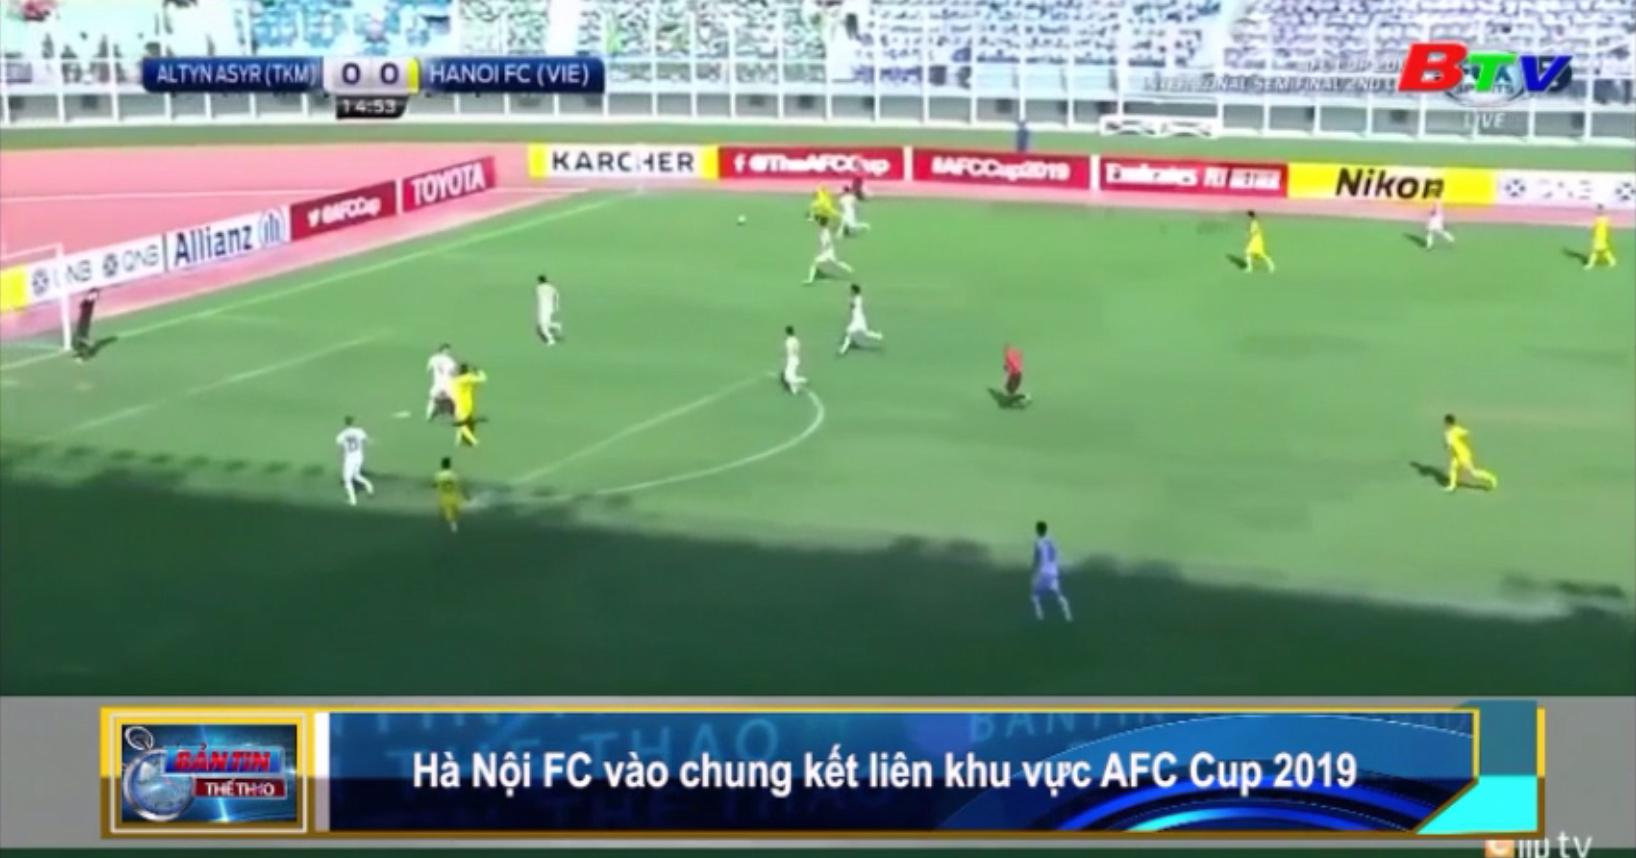 Hà Nội FC vào chung kết liên khu vực AFC Cup 2019